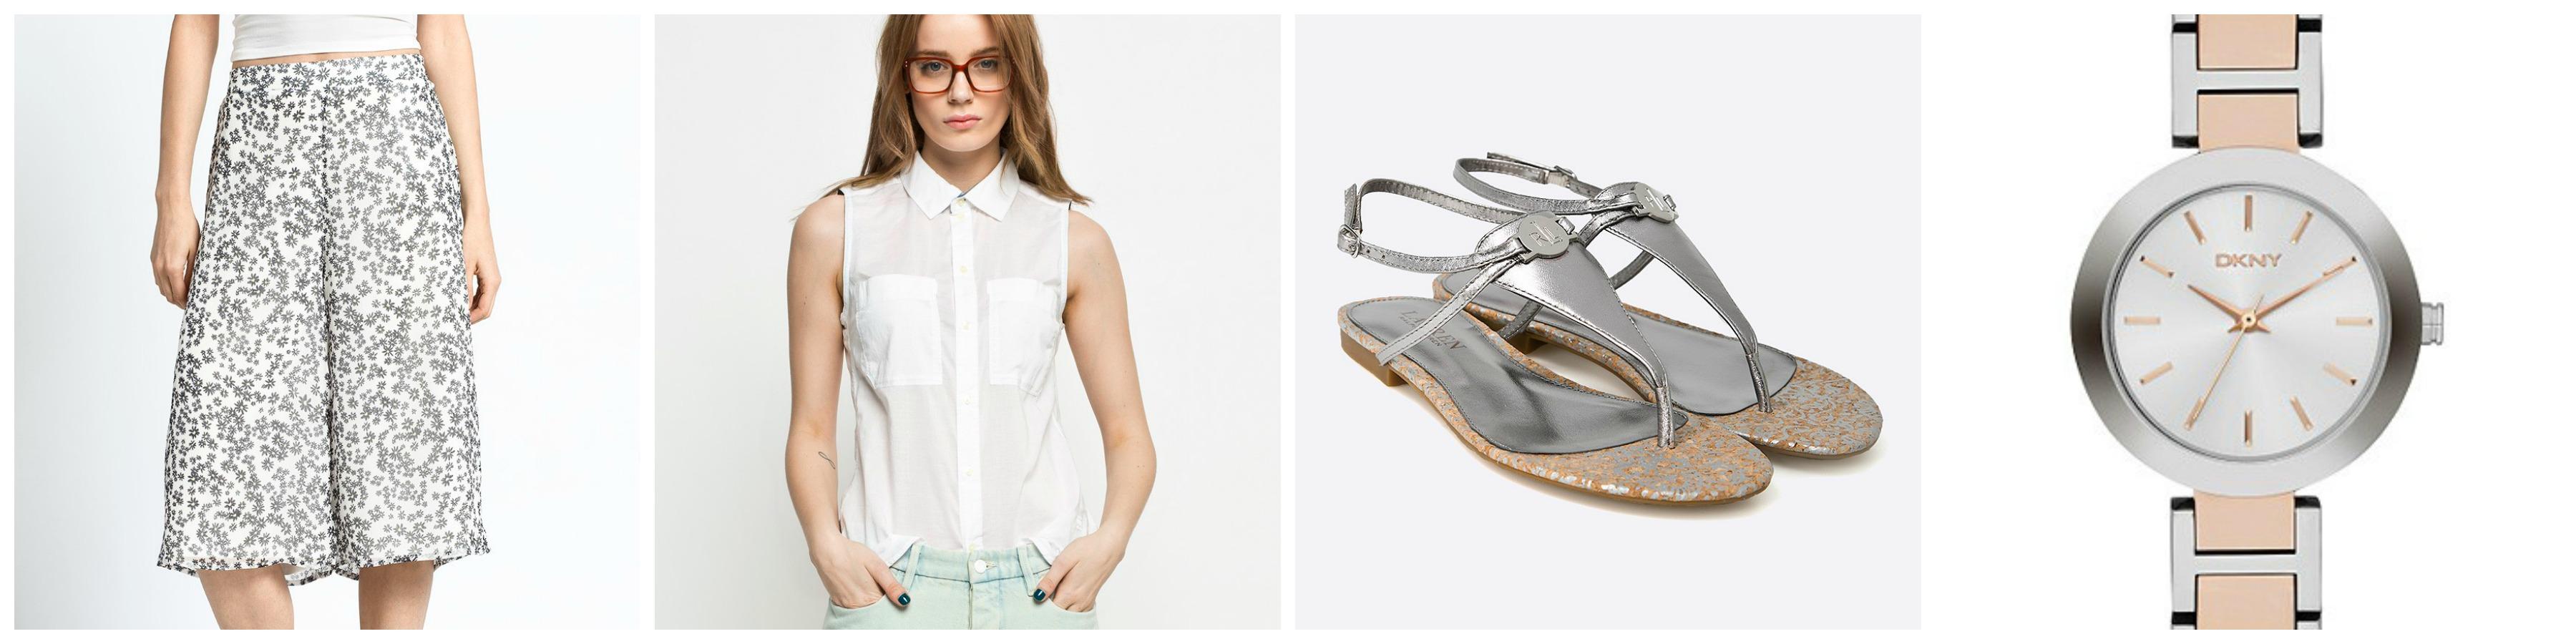 culottes-bluzka-buty-zegarek